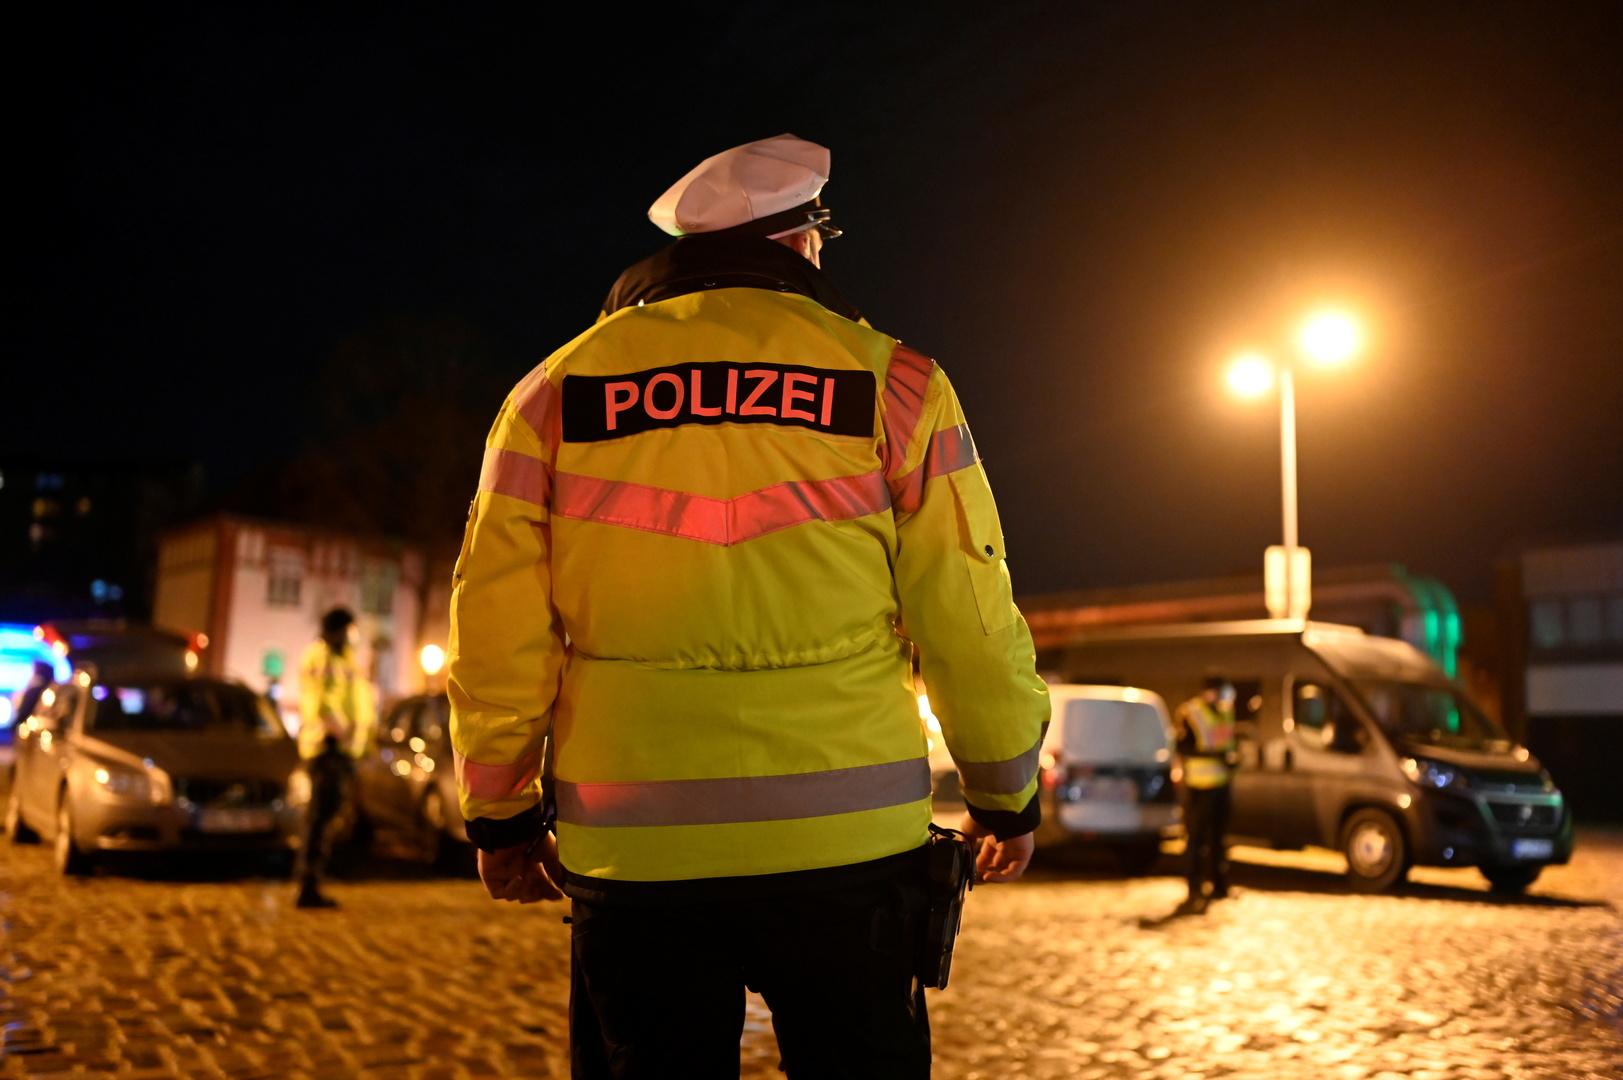 الشرطة الألمانية تنفذ عشرات المداهمات فجرا على شبكة إجرامية يمينية متطرفة